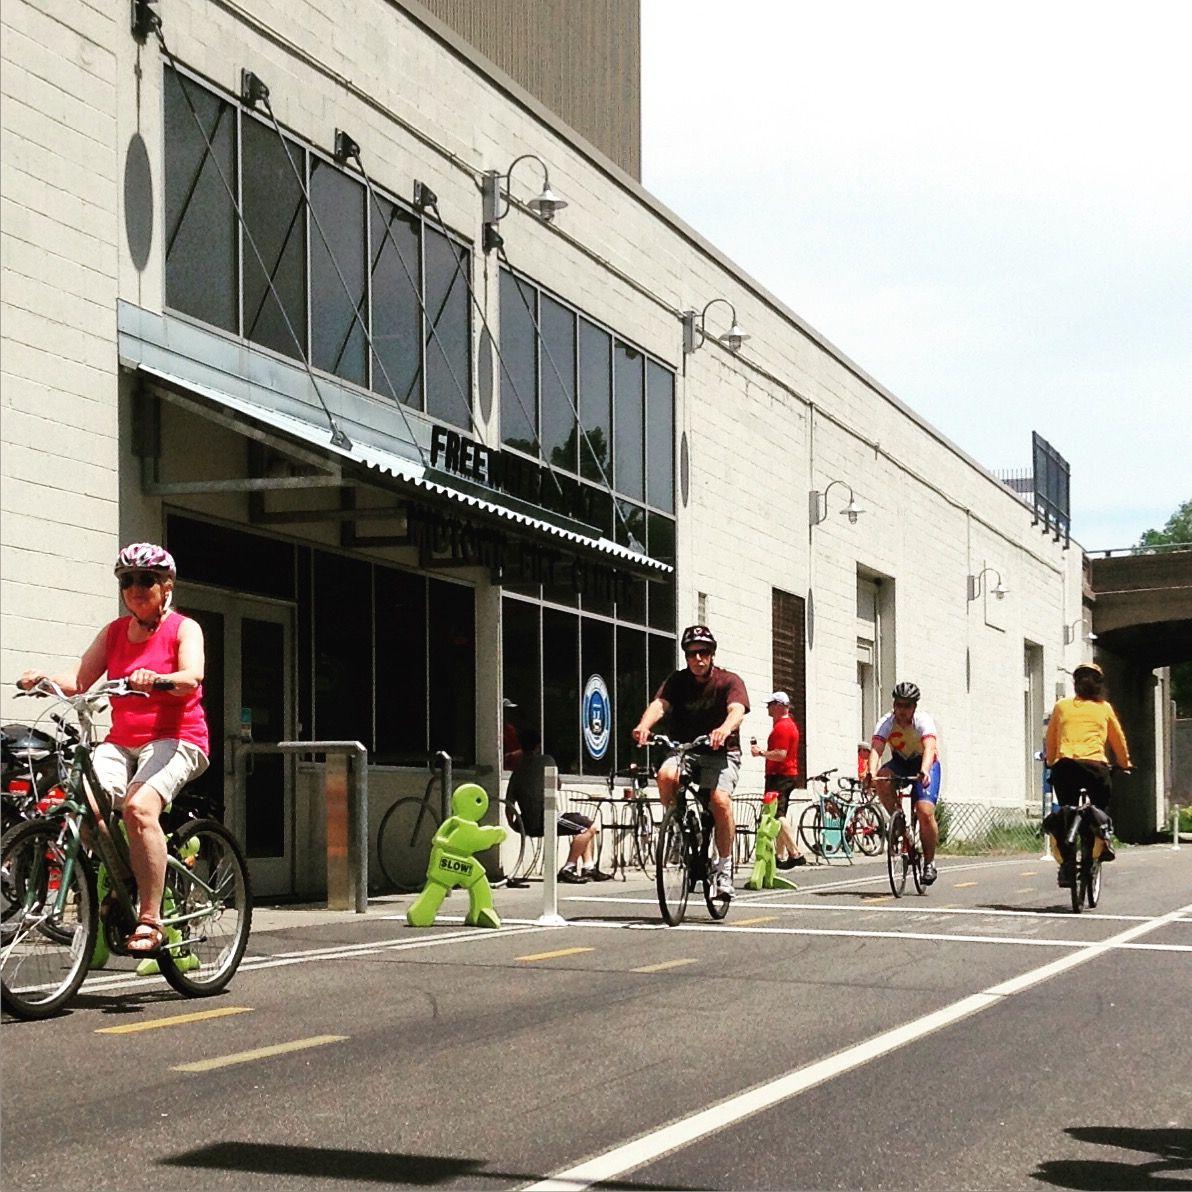 Midtown At Town Center: Freewheel Bike Shop - Midtown Bike Center